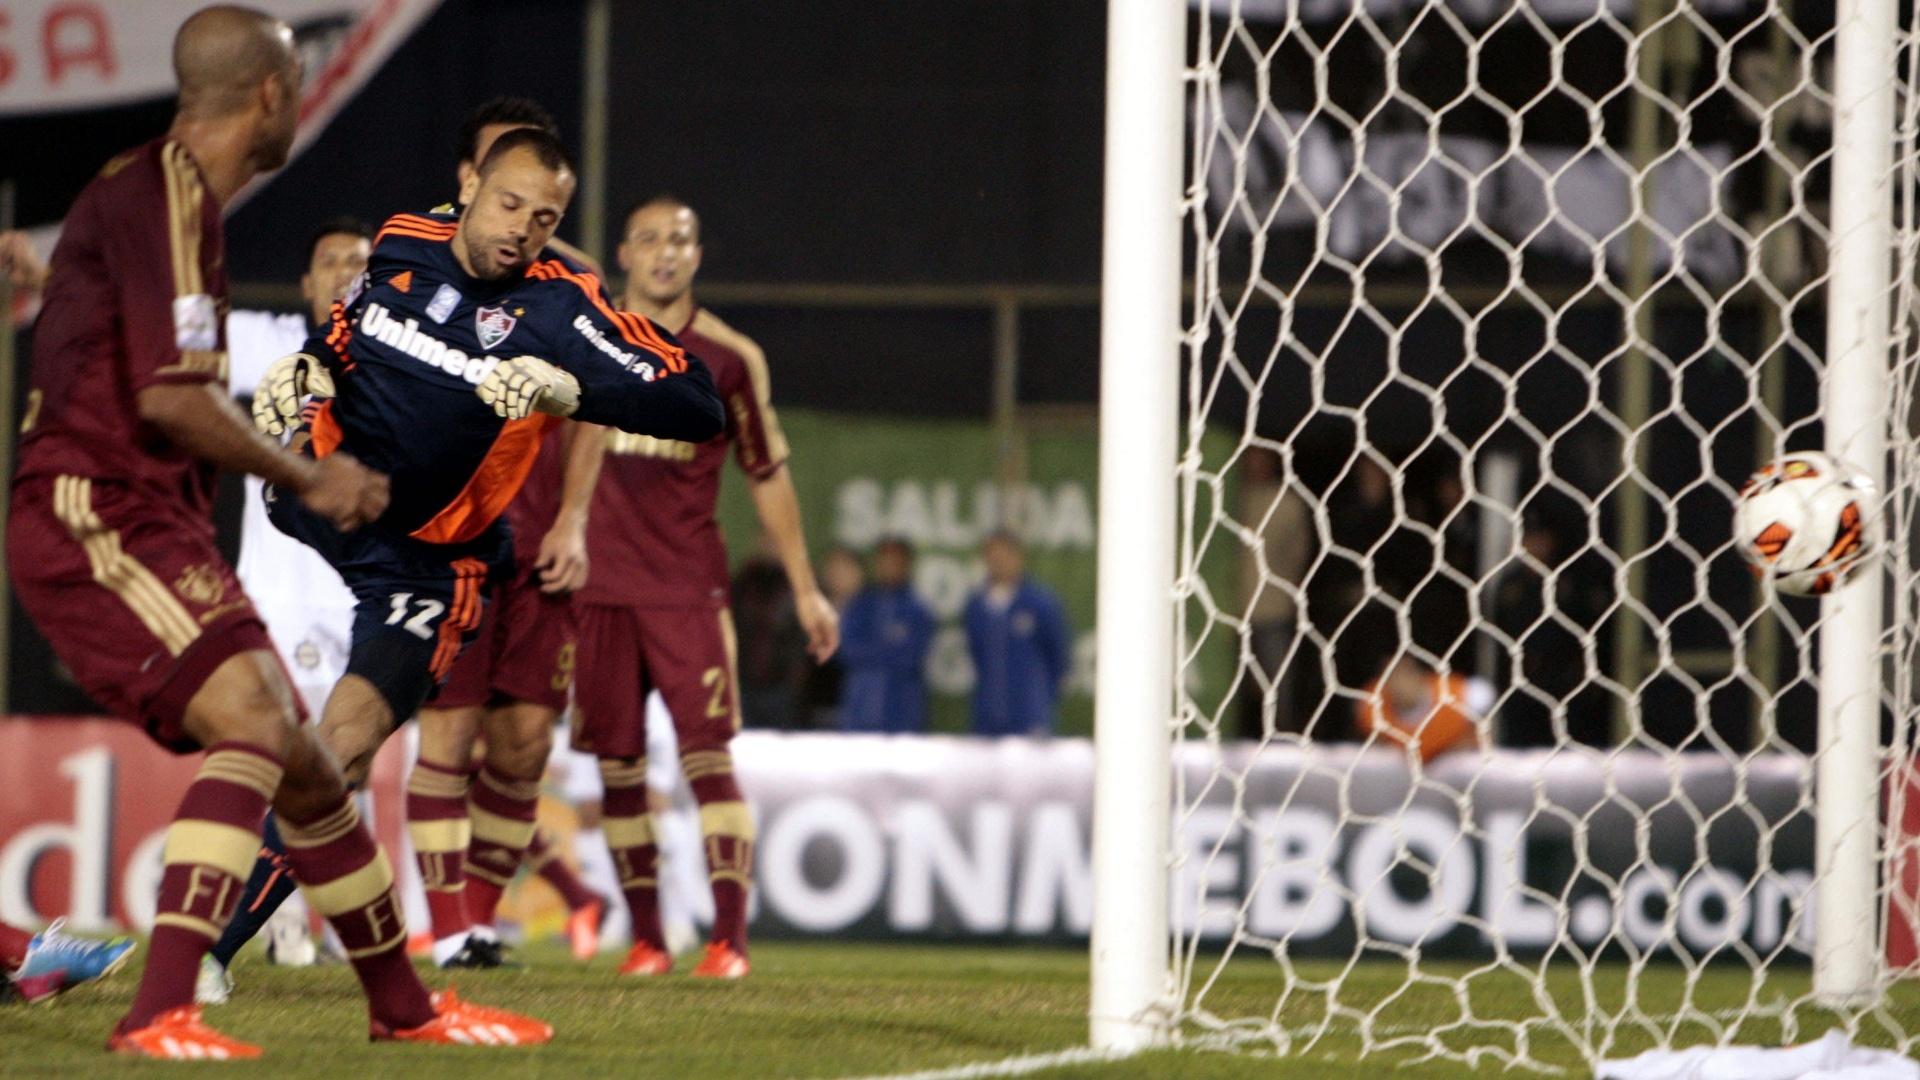 29.05.2013 - Diego Cavalieri se estica, mas não consegue evitar o gol do Olimpia na falta cobrada por Salgueiro